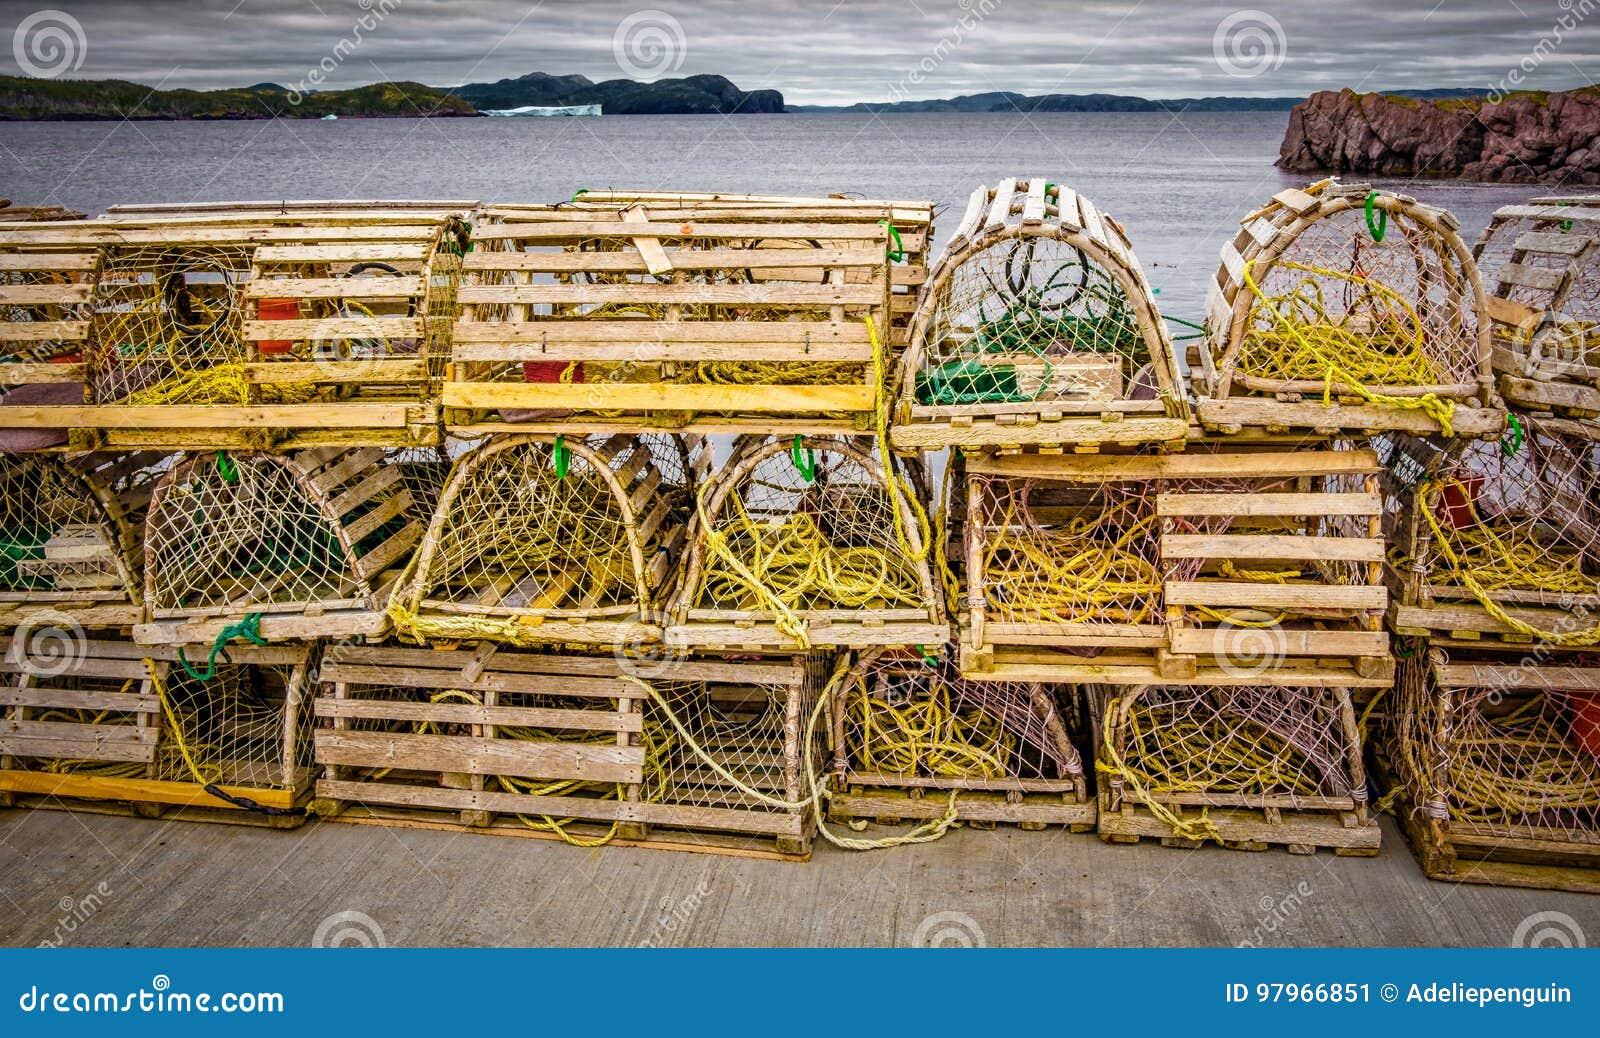 Ловушки омара, прибрежный Ньюфаундленд, Канада